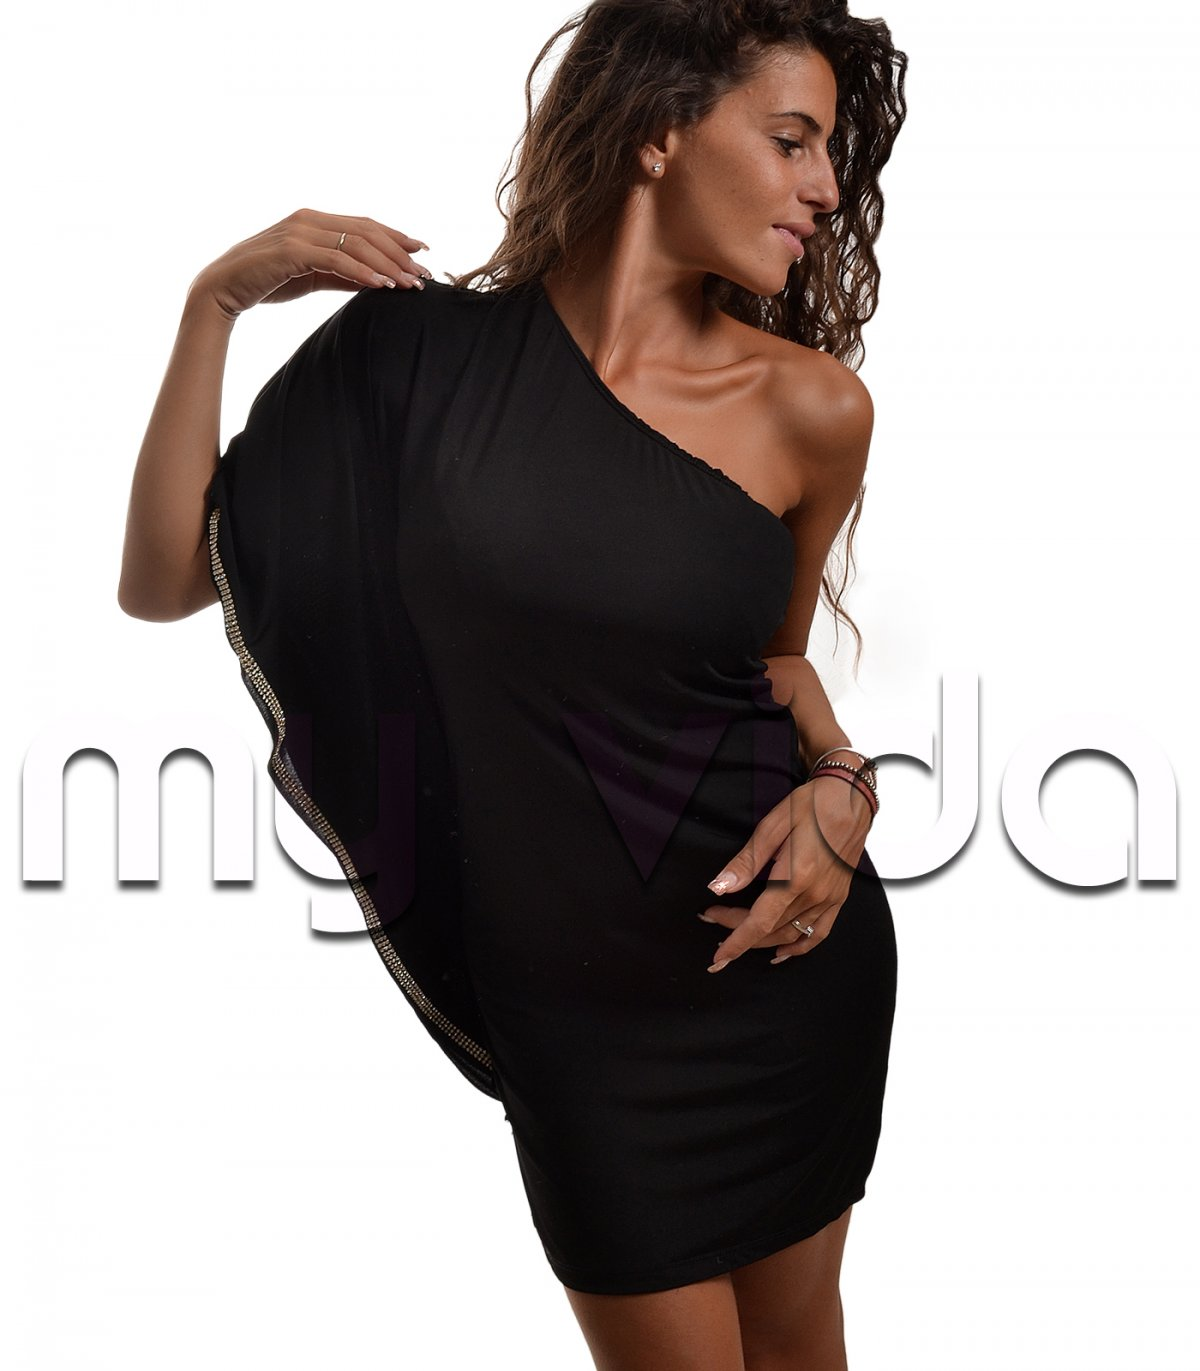 new arrival 10cec fdaac Abito monospalla donna corto elegante strass | My Vida